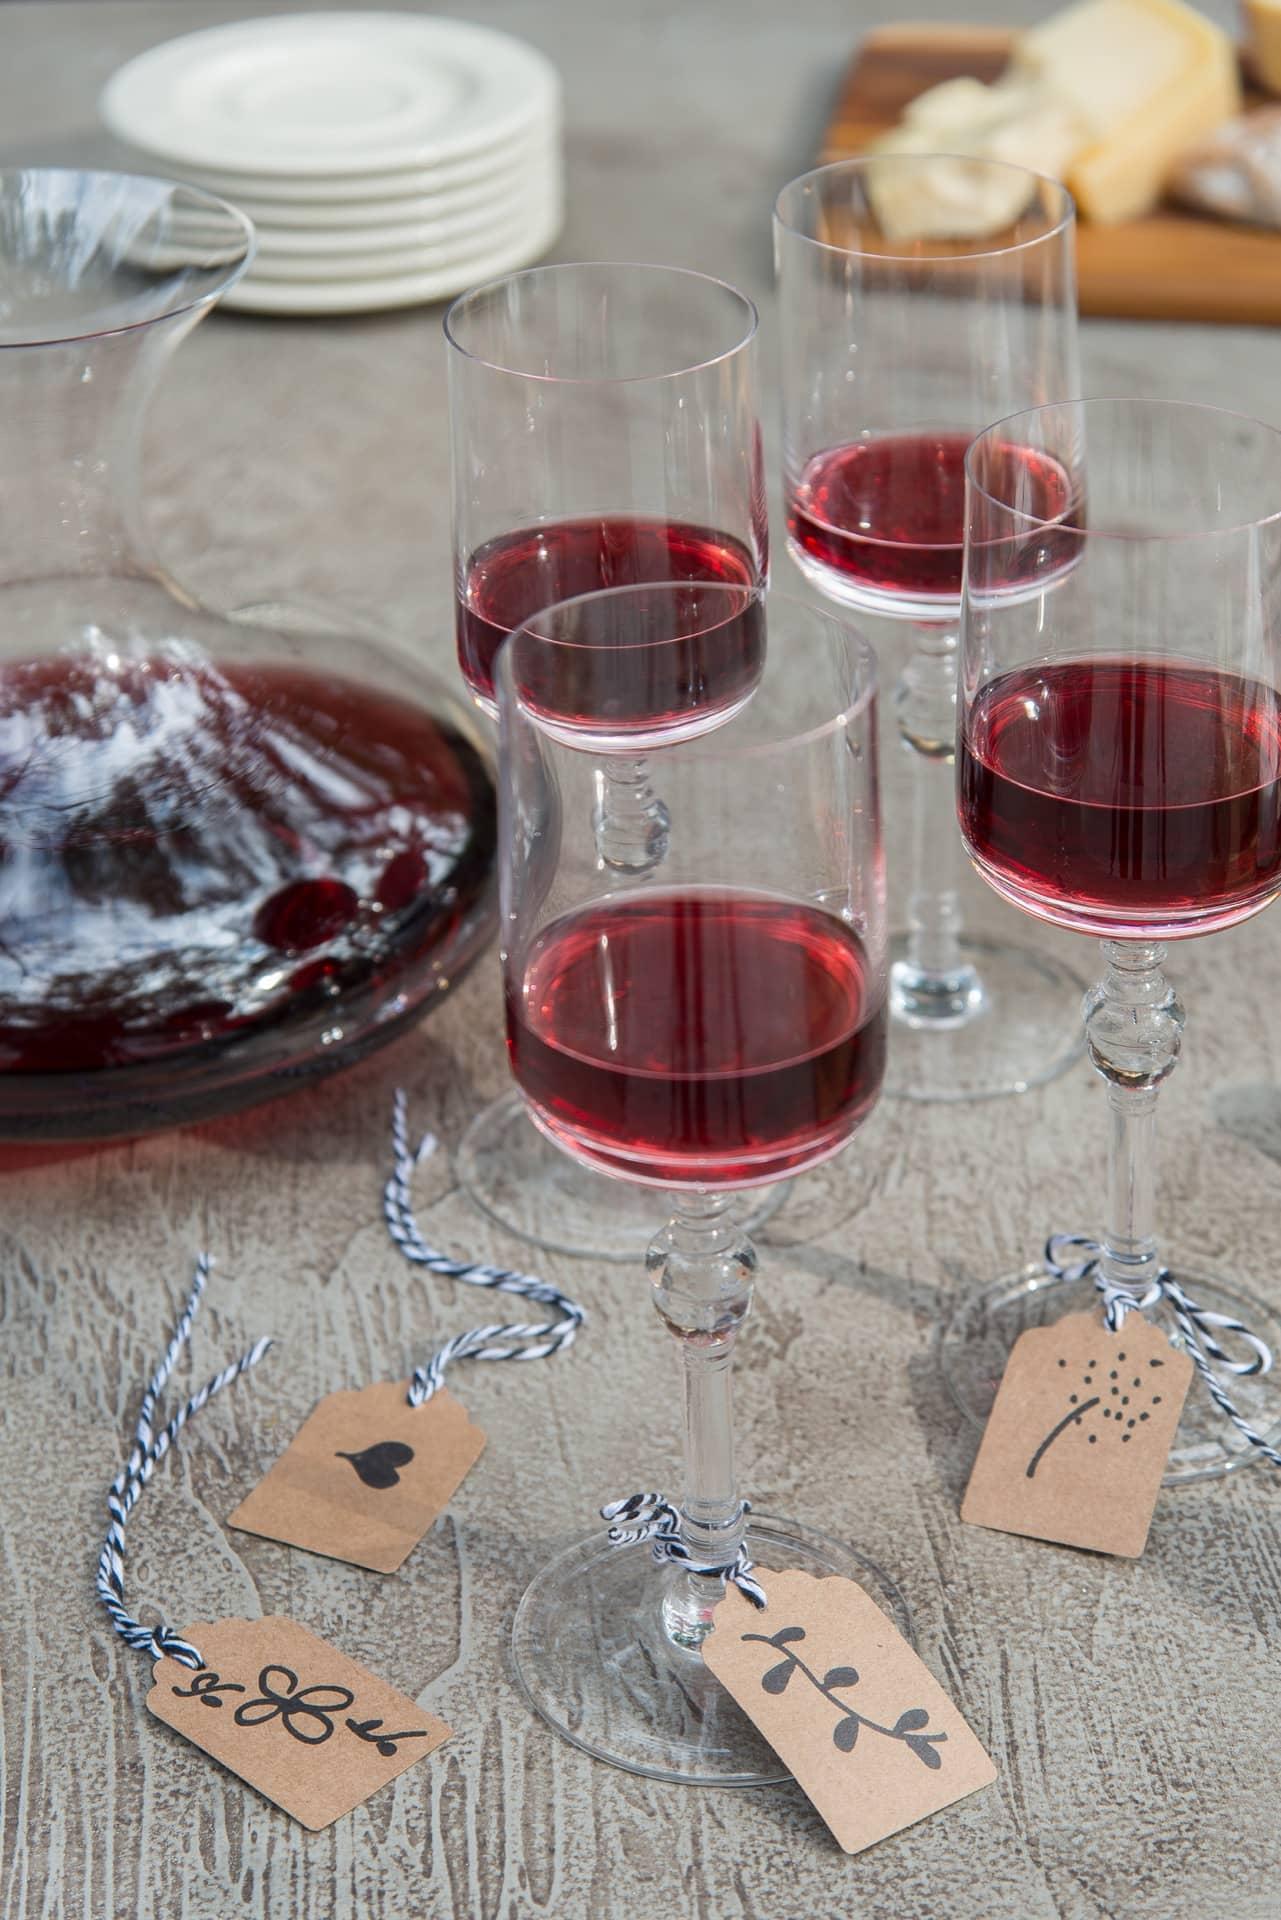 Imagem: Taças de vinho de cristal Classic 250, e Decanter Profissional de cristal, ambos Oxford Crystal. Foto: Cacá Bratke. Realização: Cláudia Pixu.